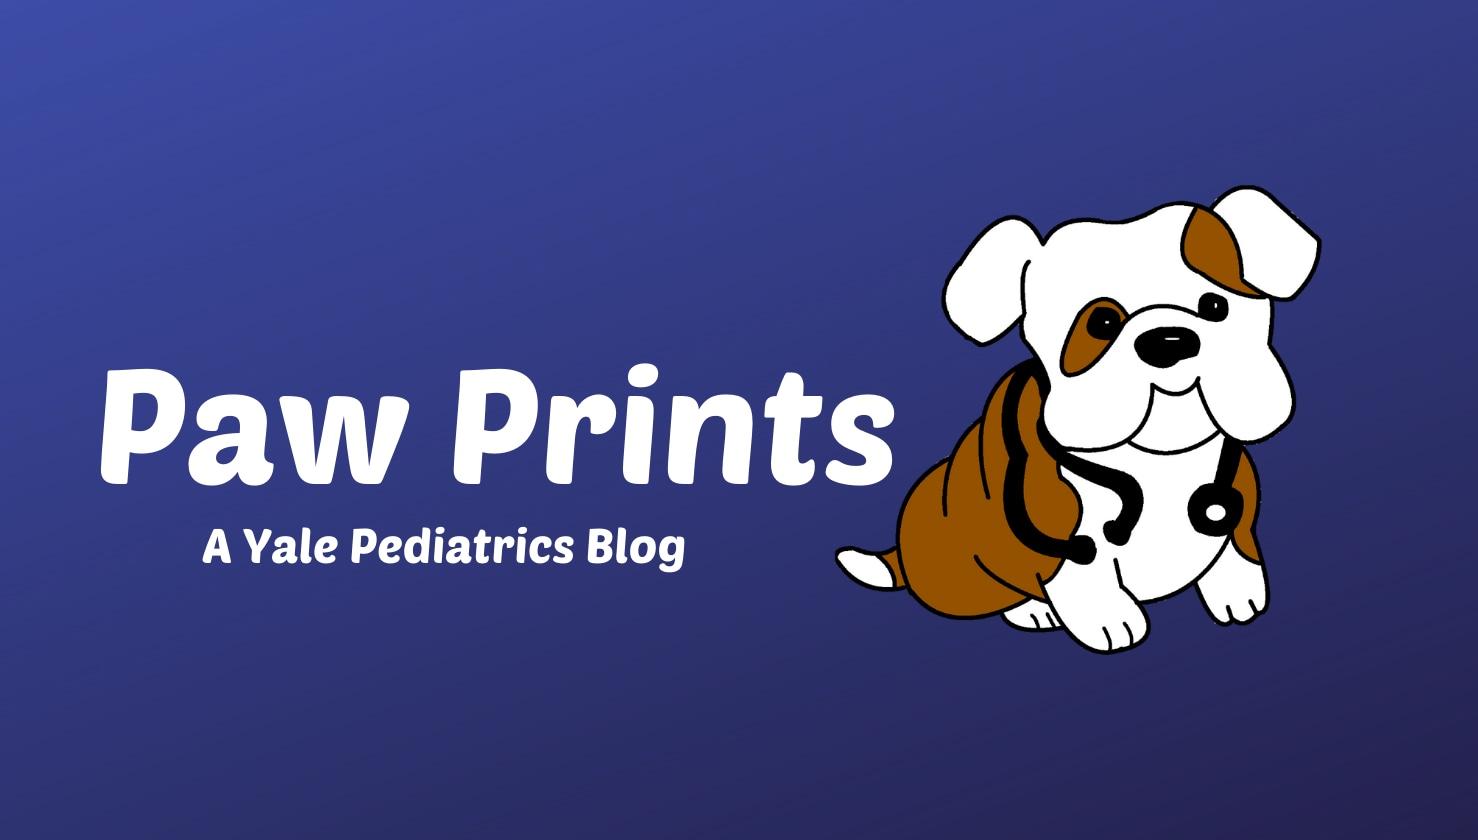 Paw Prints: A Yale Pediatrics Blog